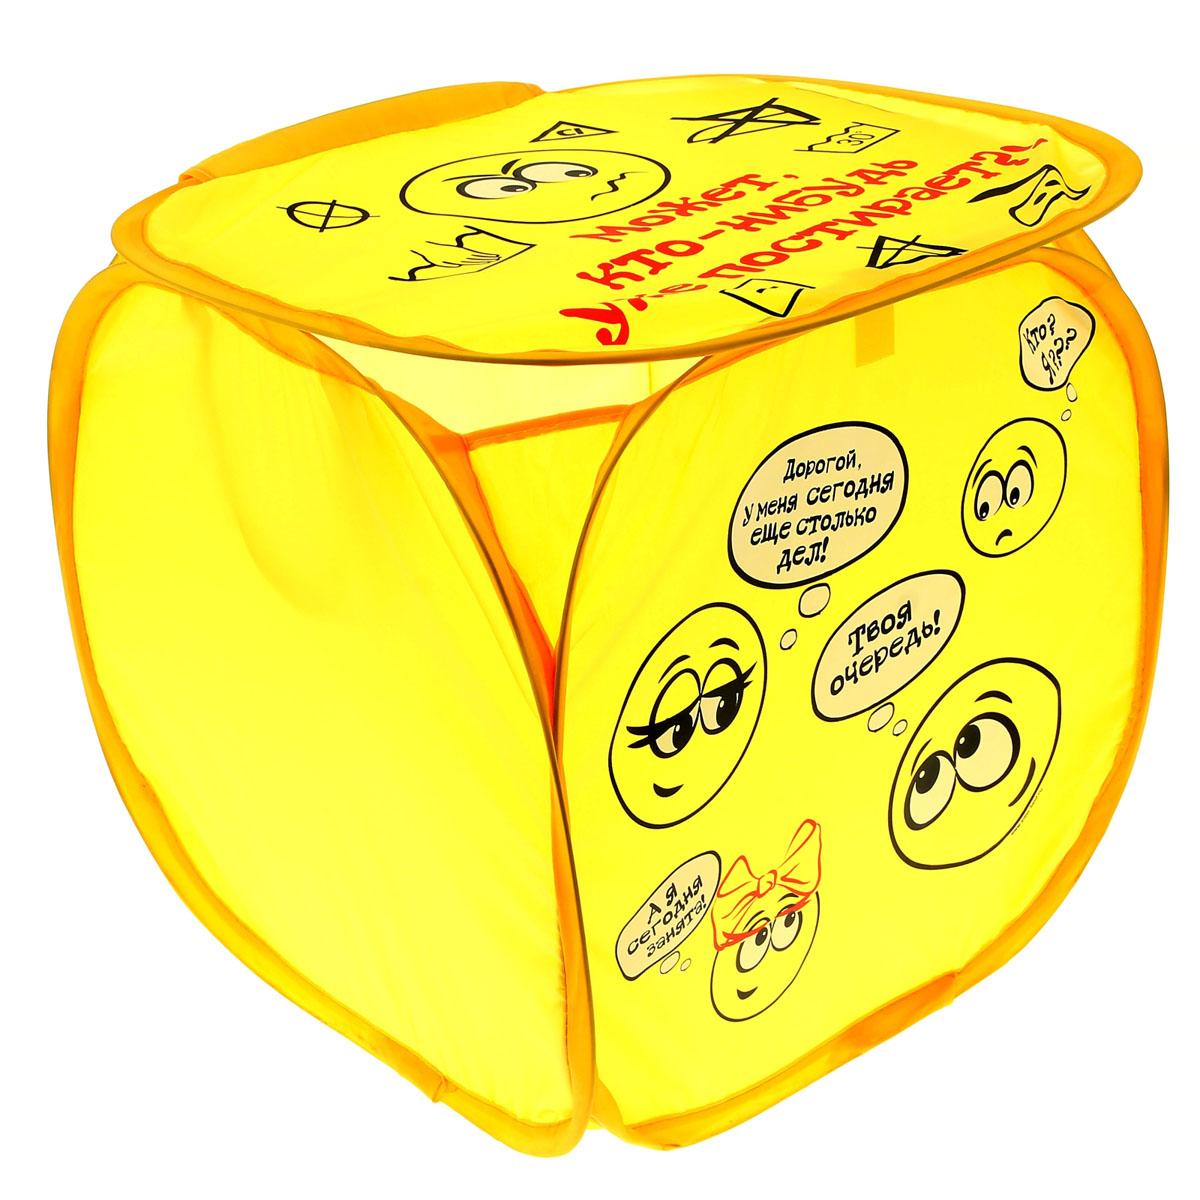 Корзина для белья Sima-land Может кто-нибудь постирает?, цвет: желтый, 35 х 35 см 35 см11250Корзина для белья Sima-land Может кто-нибудь постирает? изготовлена из текстиля. Материал легкий, обеспечивает вентиляцию белья. Удобная, практичная и оригинальная корзина для белья декорирована изображением забавных комиксов и предназначена для сбора и хранения вещей перед стиркой. Вместительная корзина выполнена в форме куба. Сверху имеются ручки для переноски и крышка. Корзина для белья Sima-land Может кто-нибудь постирает? станет оригинальным украшением интерьера ванной комнаты.